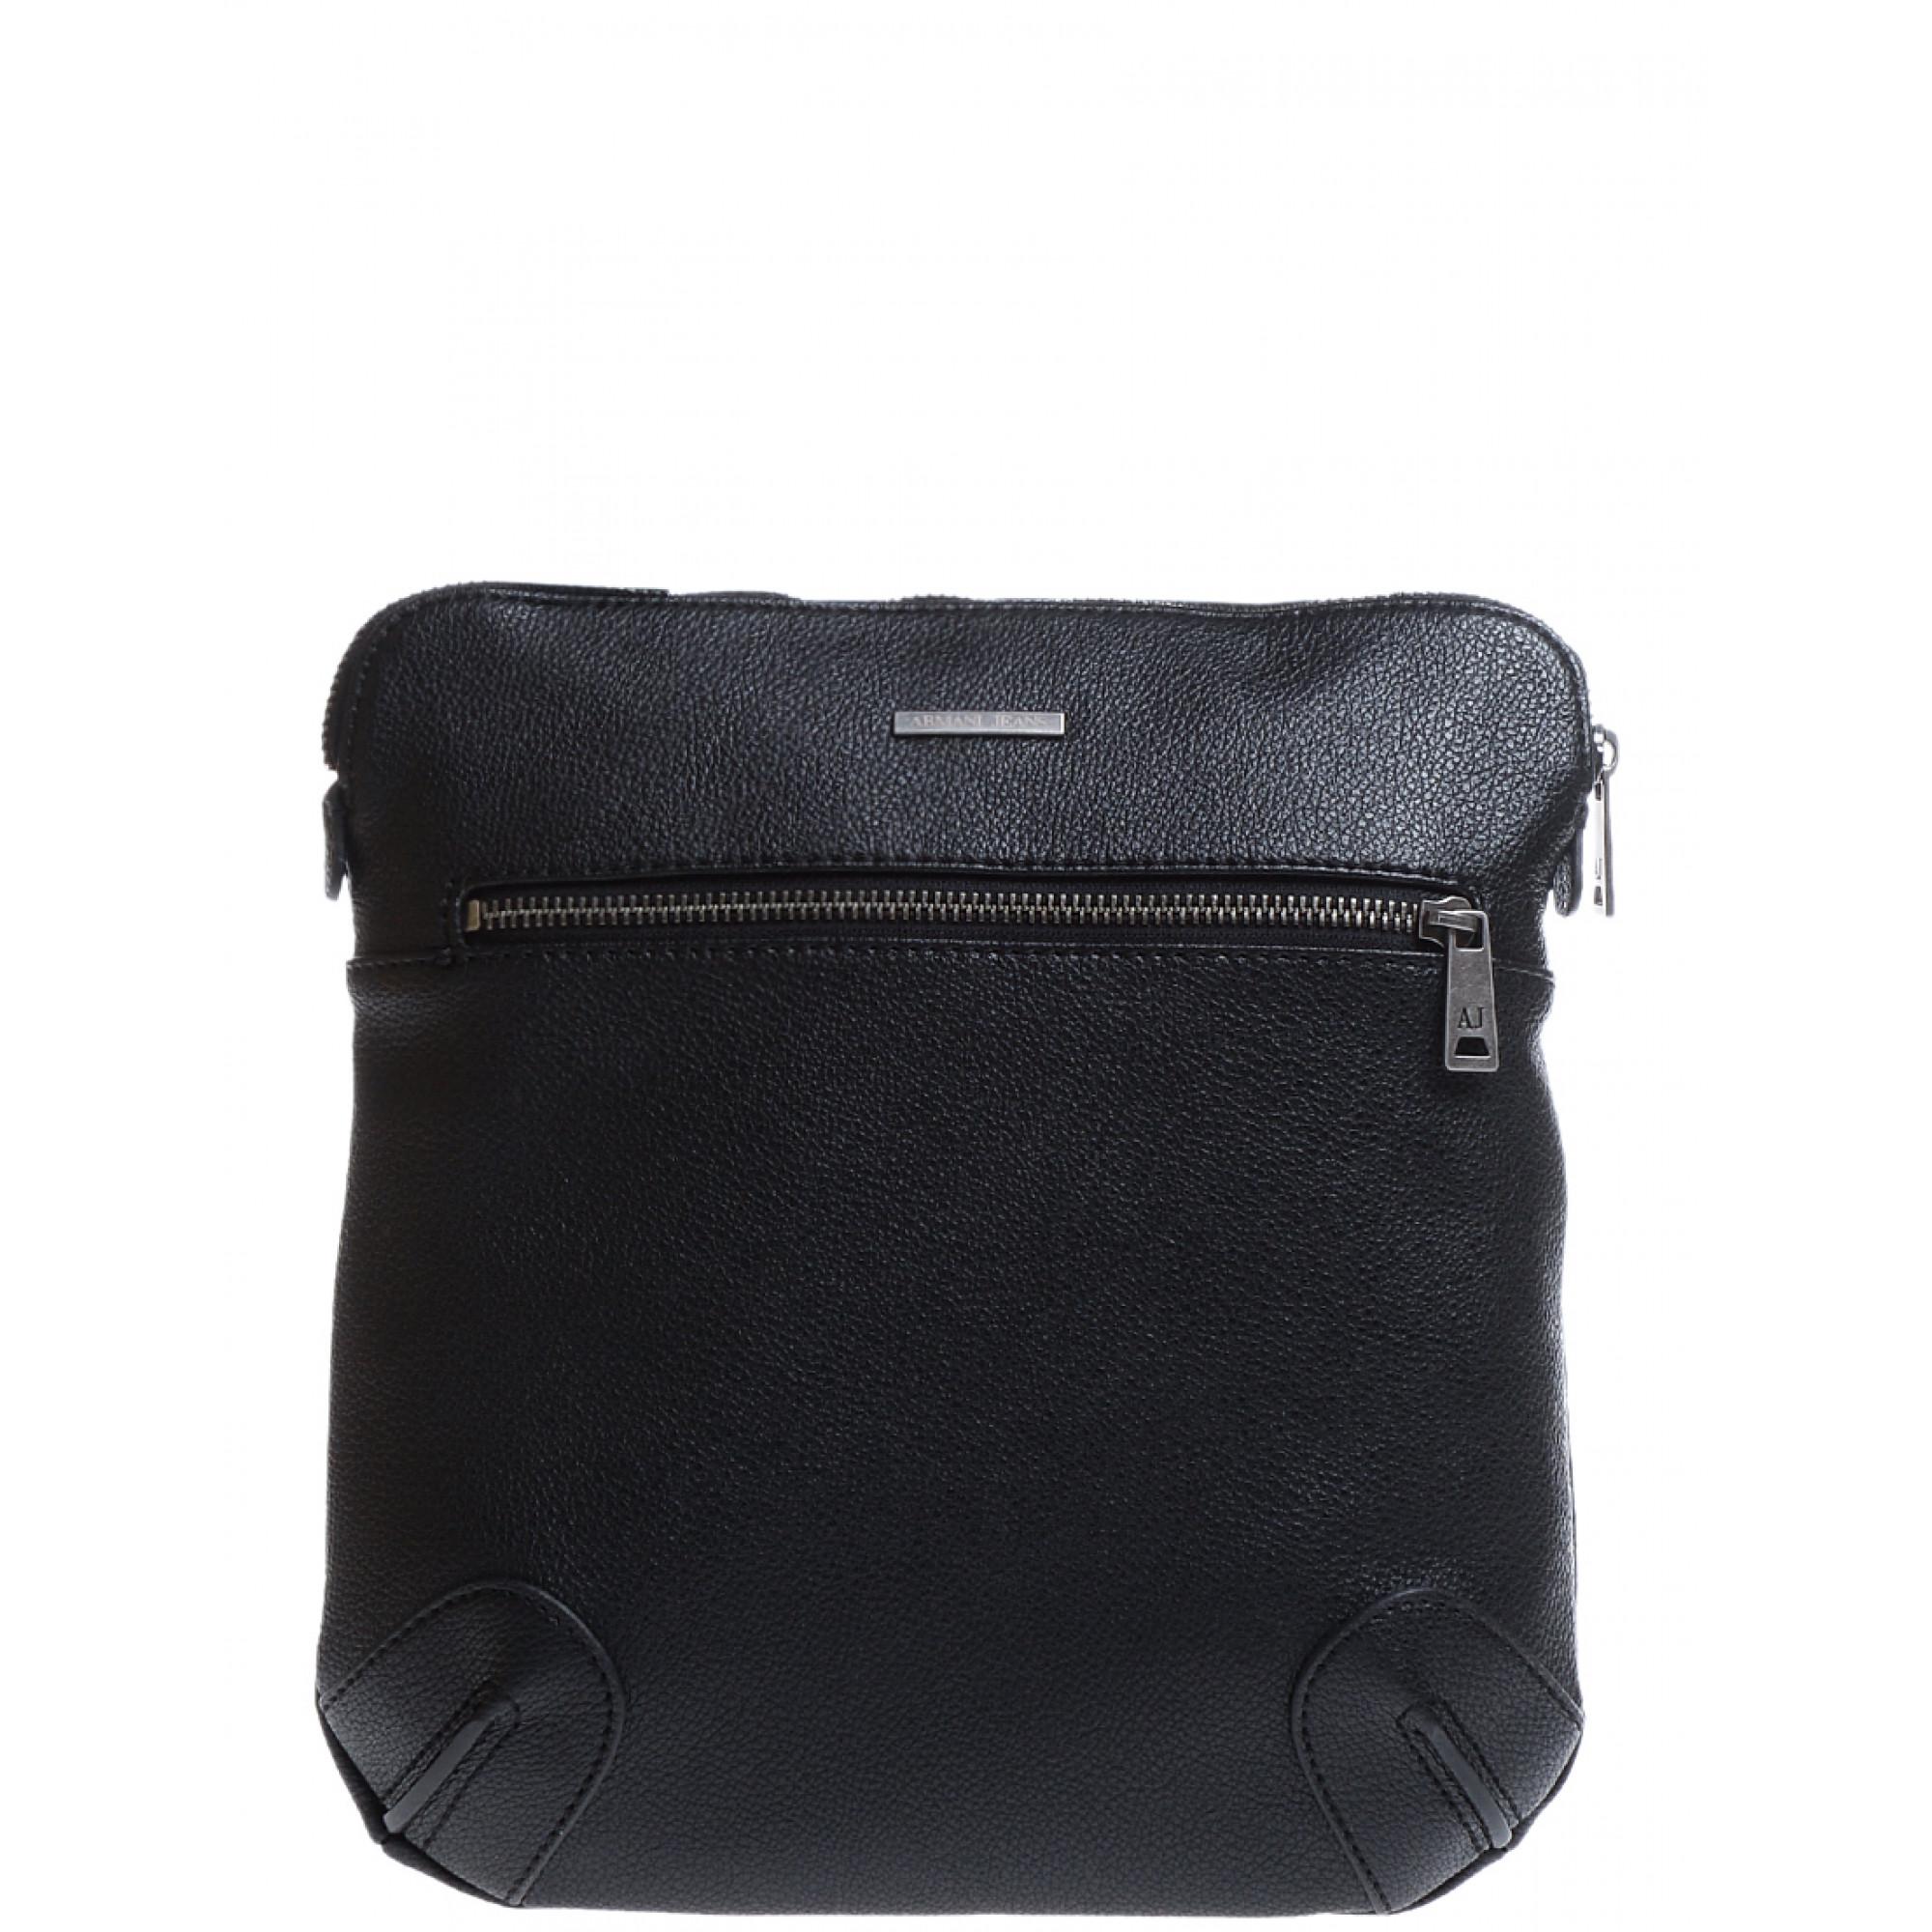 Купить мужская сумка Armani Jeans в черном цвете — в Киеве, код ... 61aedb24e94